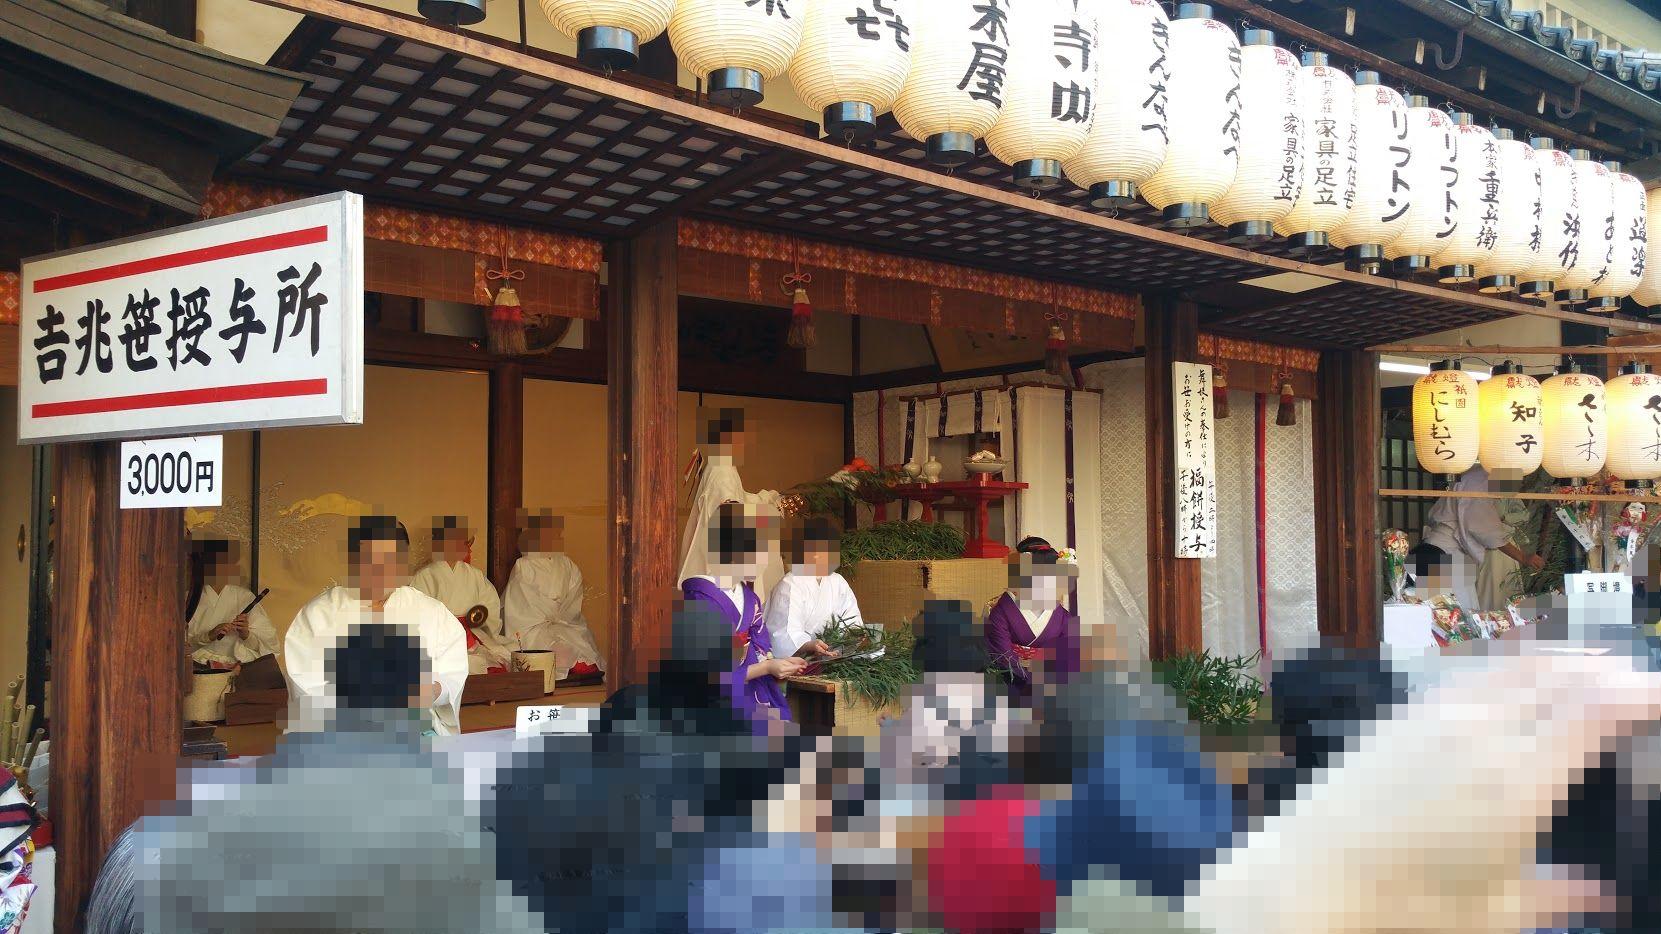 京都ゑびす神社2モザイク入